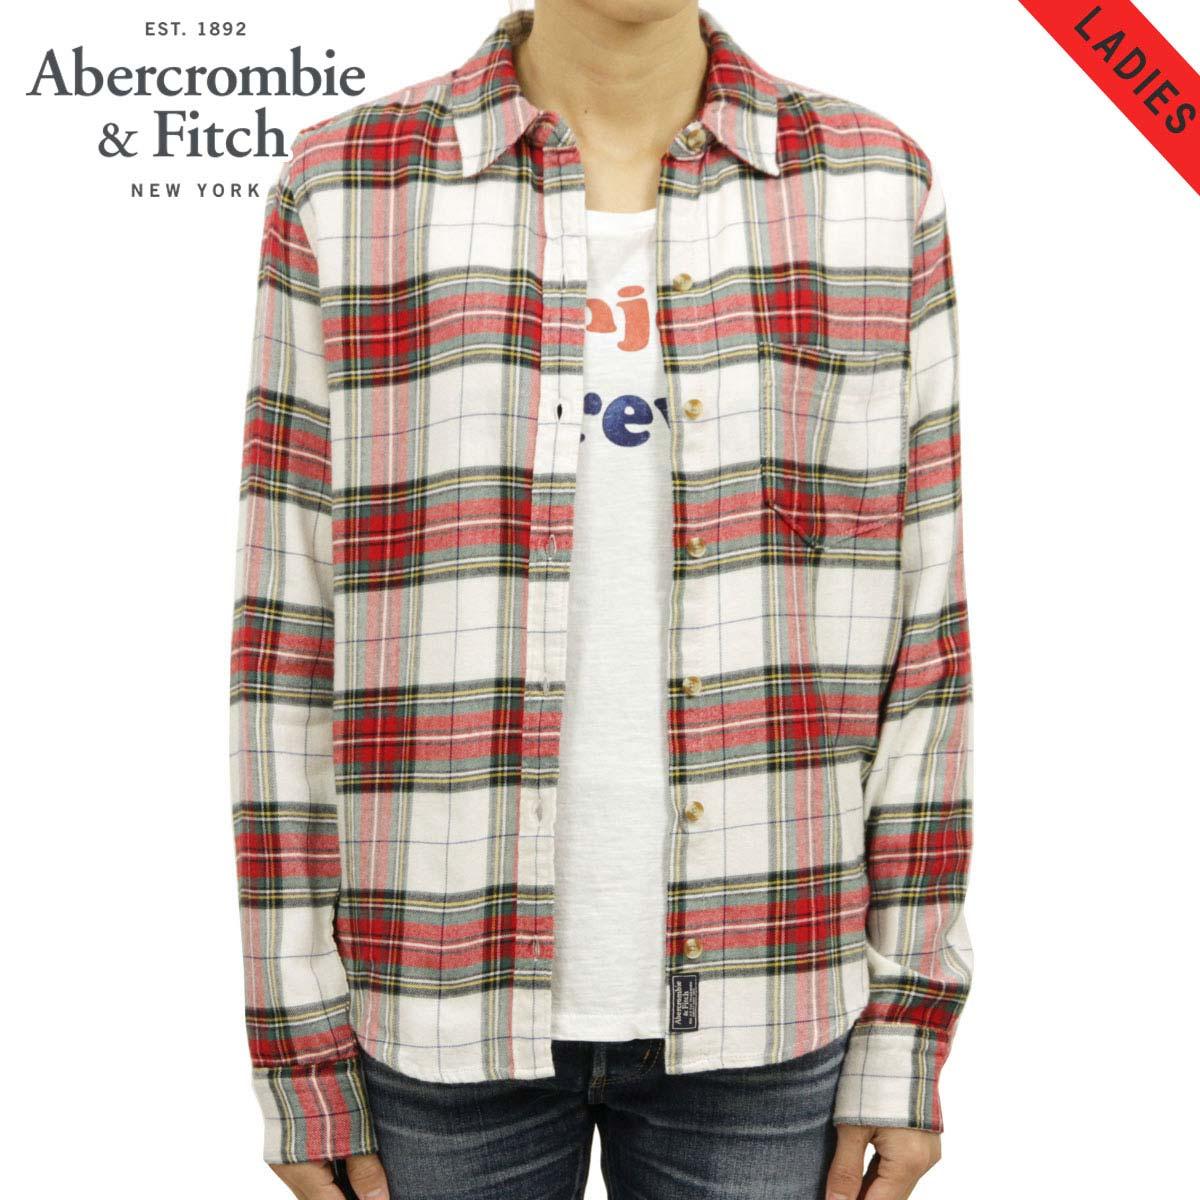 アバクロ Abercrombie&Fitch 正規品 レディース 長袖フランネルシャツ Flannel Shirt 140-412-2044-108